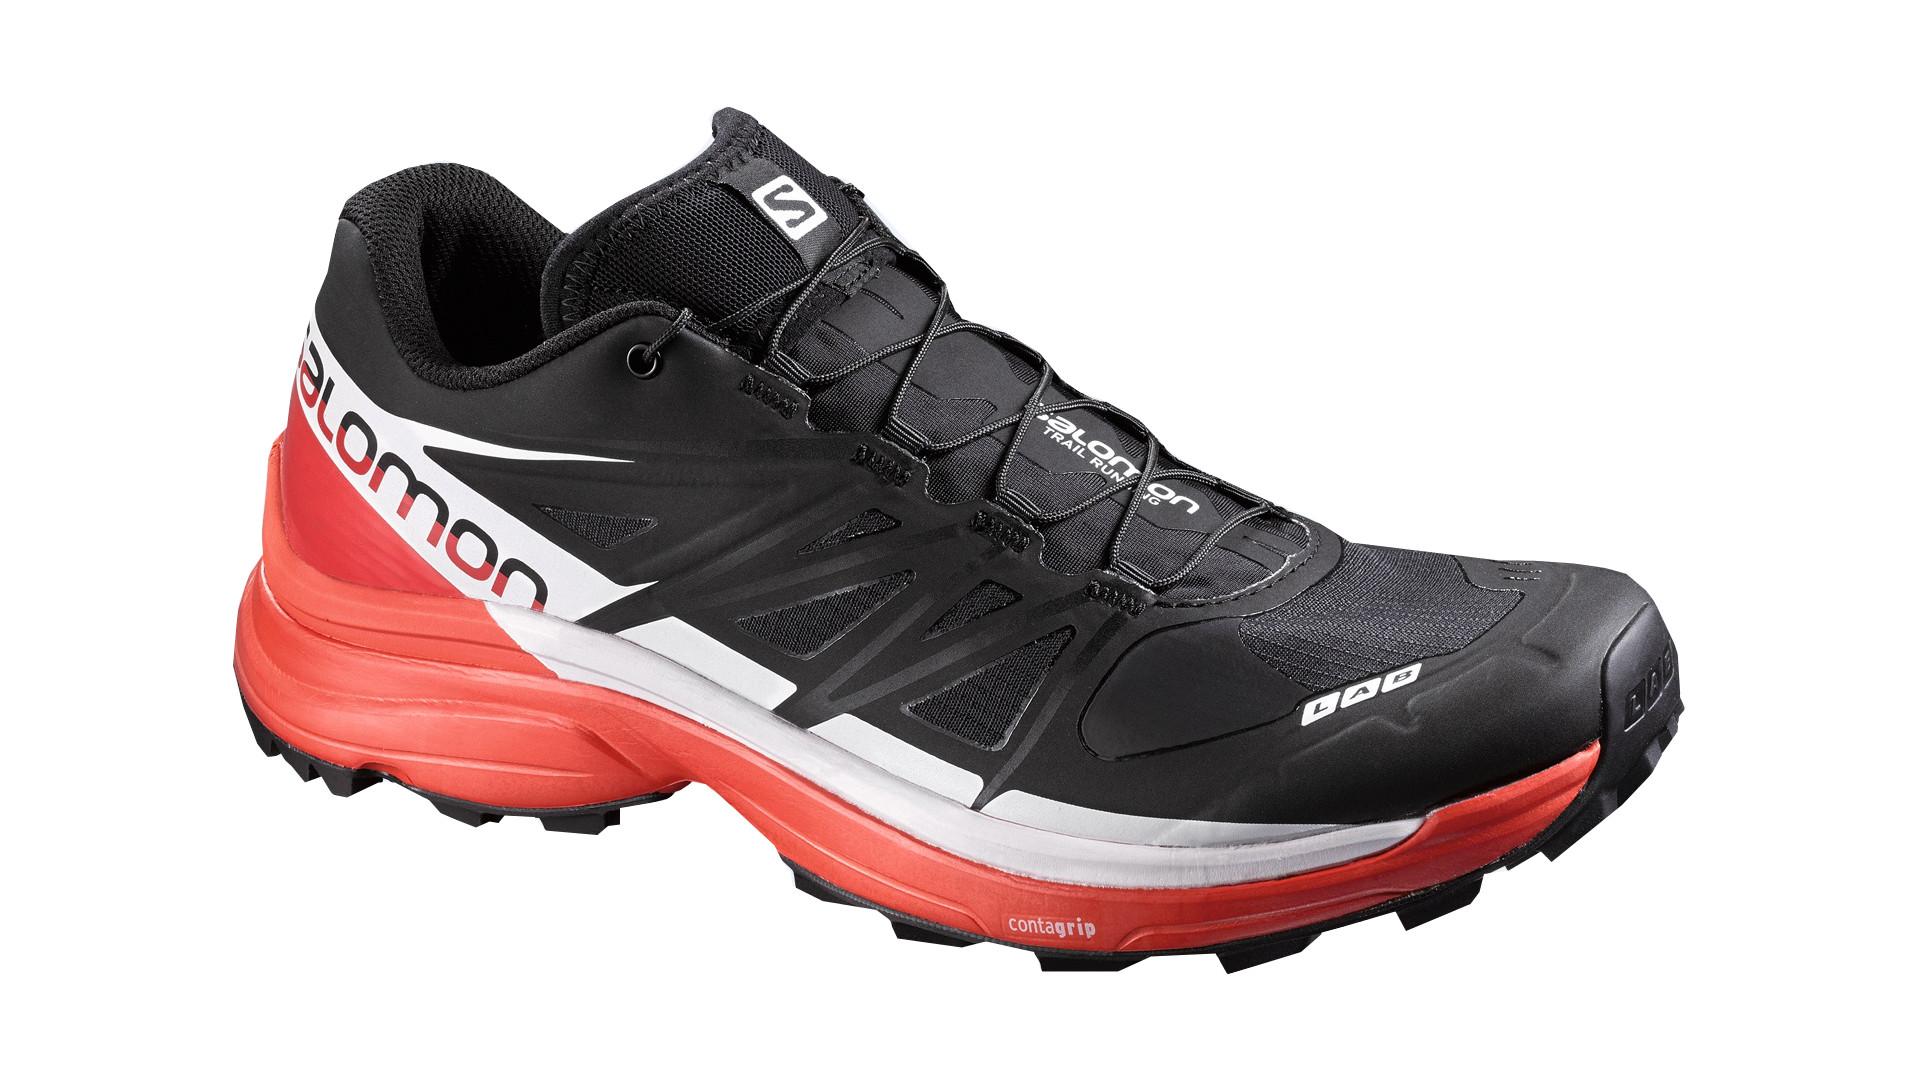 Купить Беговые кроссовки для XC SALOMON 2016-17 SHOES S-LAB WINGS 8 SG BLACK/RD/WH Кроссовки бега 1270584